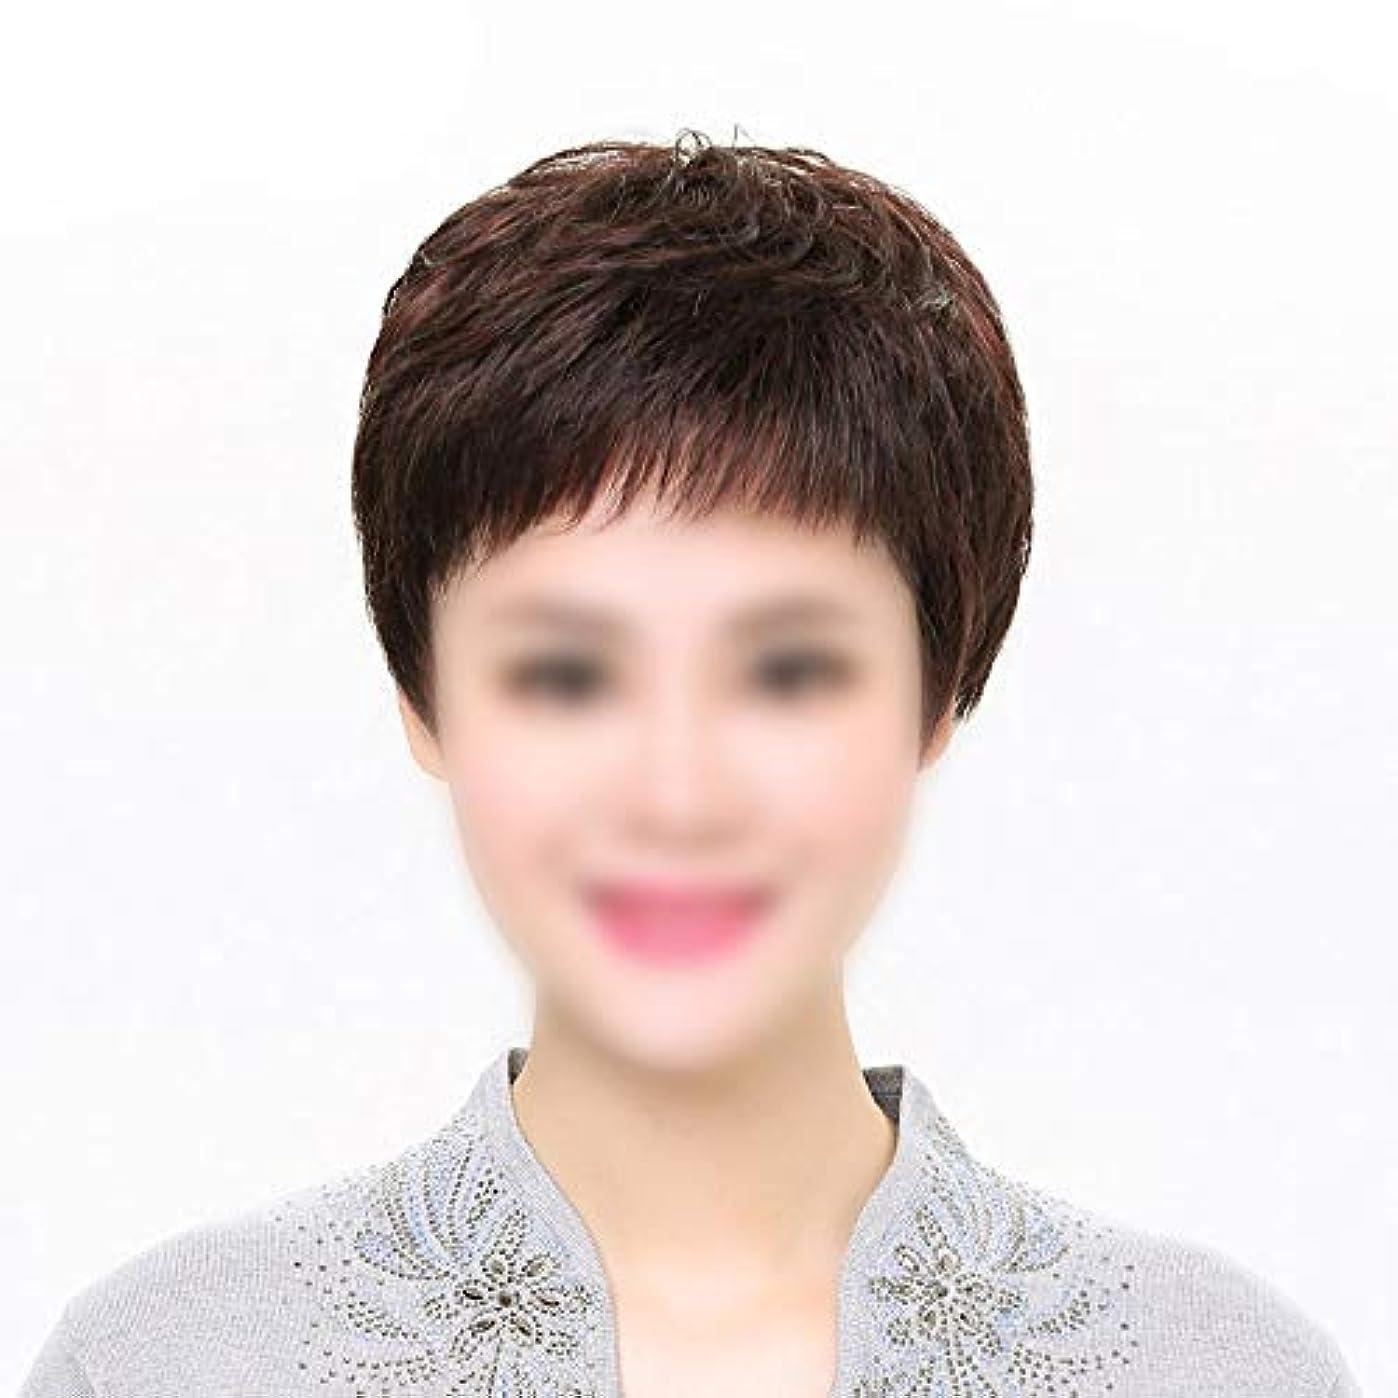 川バンガローまつげYOUQIU 女性のかつらのために前髪人毛かつら、100%本物の人間の髪の毛無料パートショートスタイリッシュなウィッグ (色 : 黒, Edition : Mechanism)